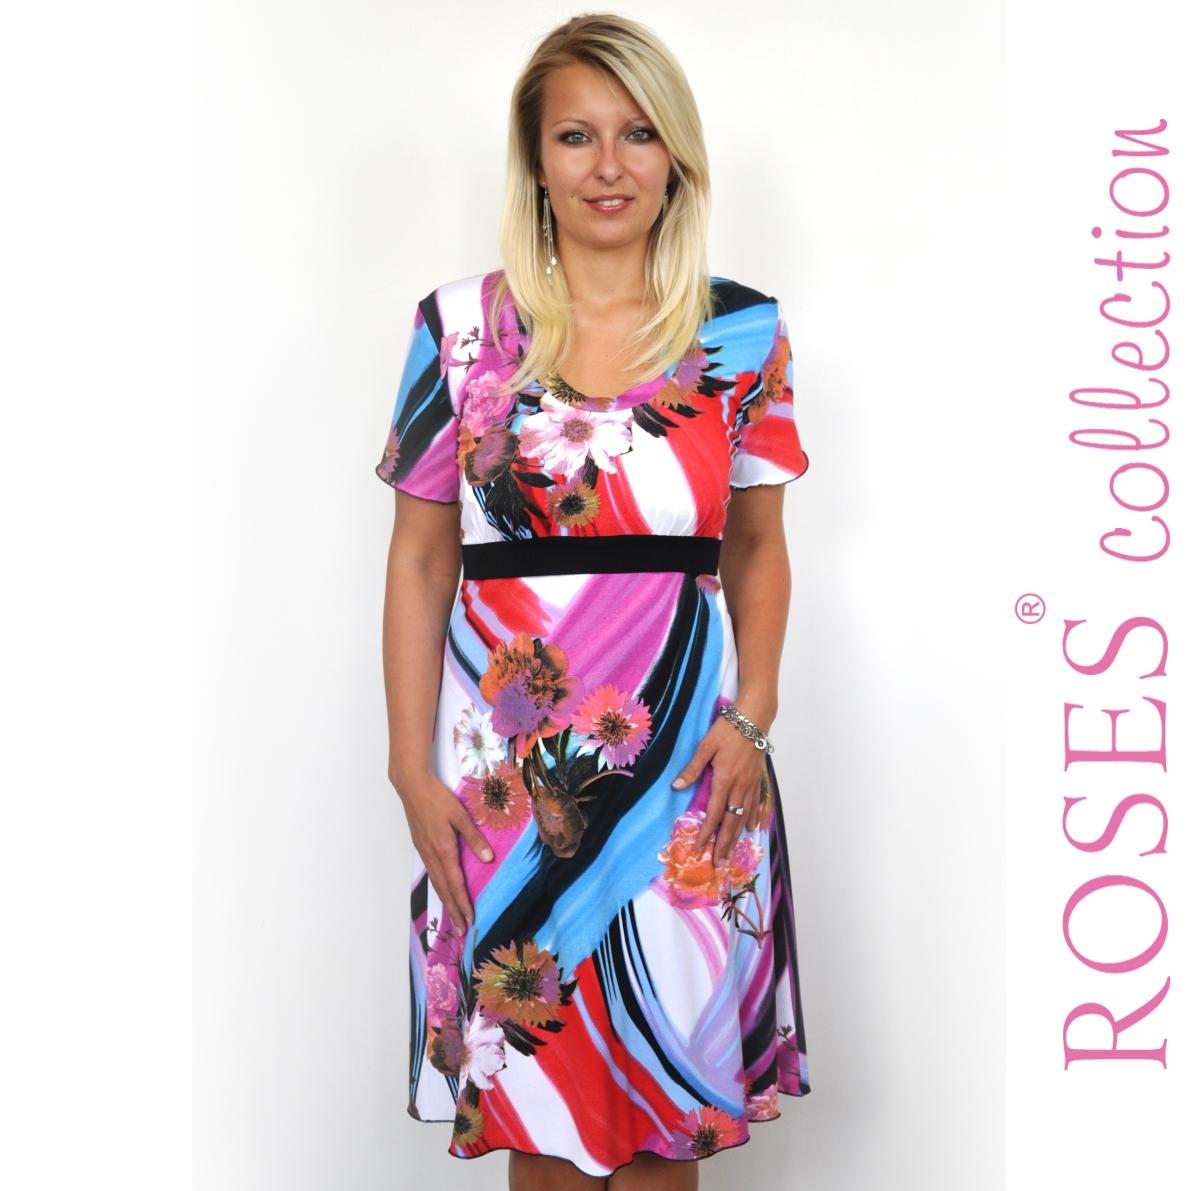 Letní šaty ISABELLA barevné – Potvor - pomáhat tvořit 4a792ec1d9